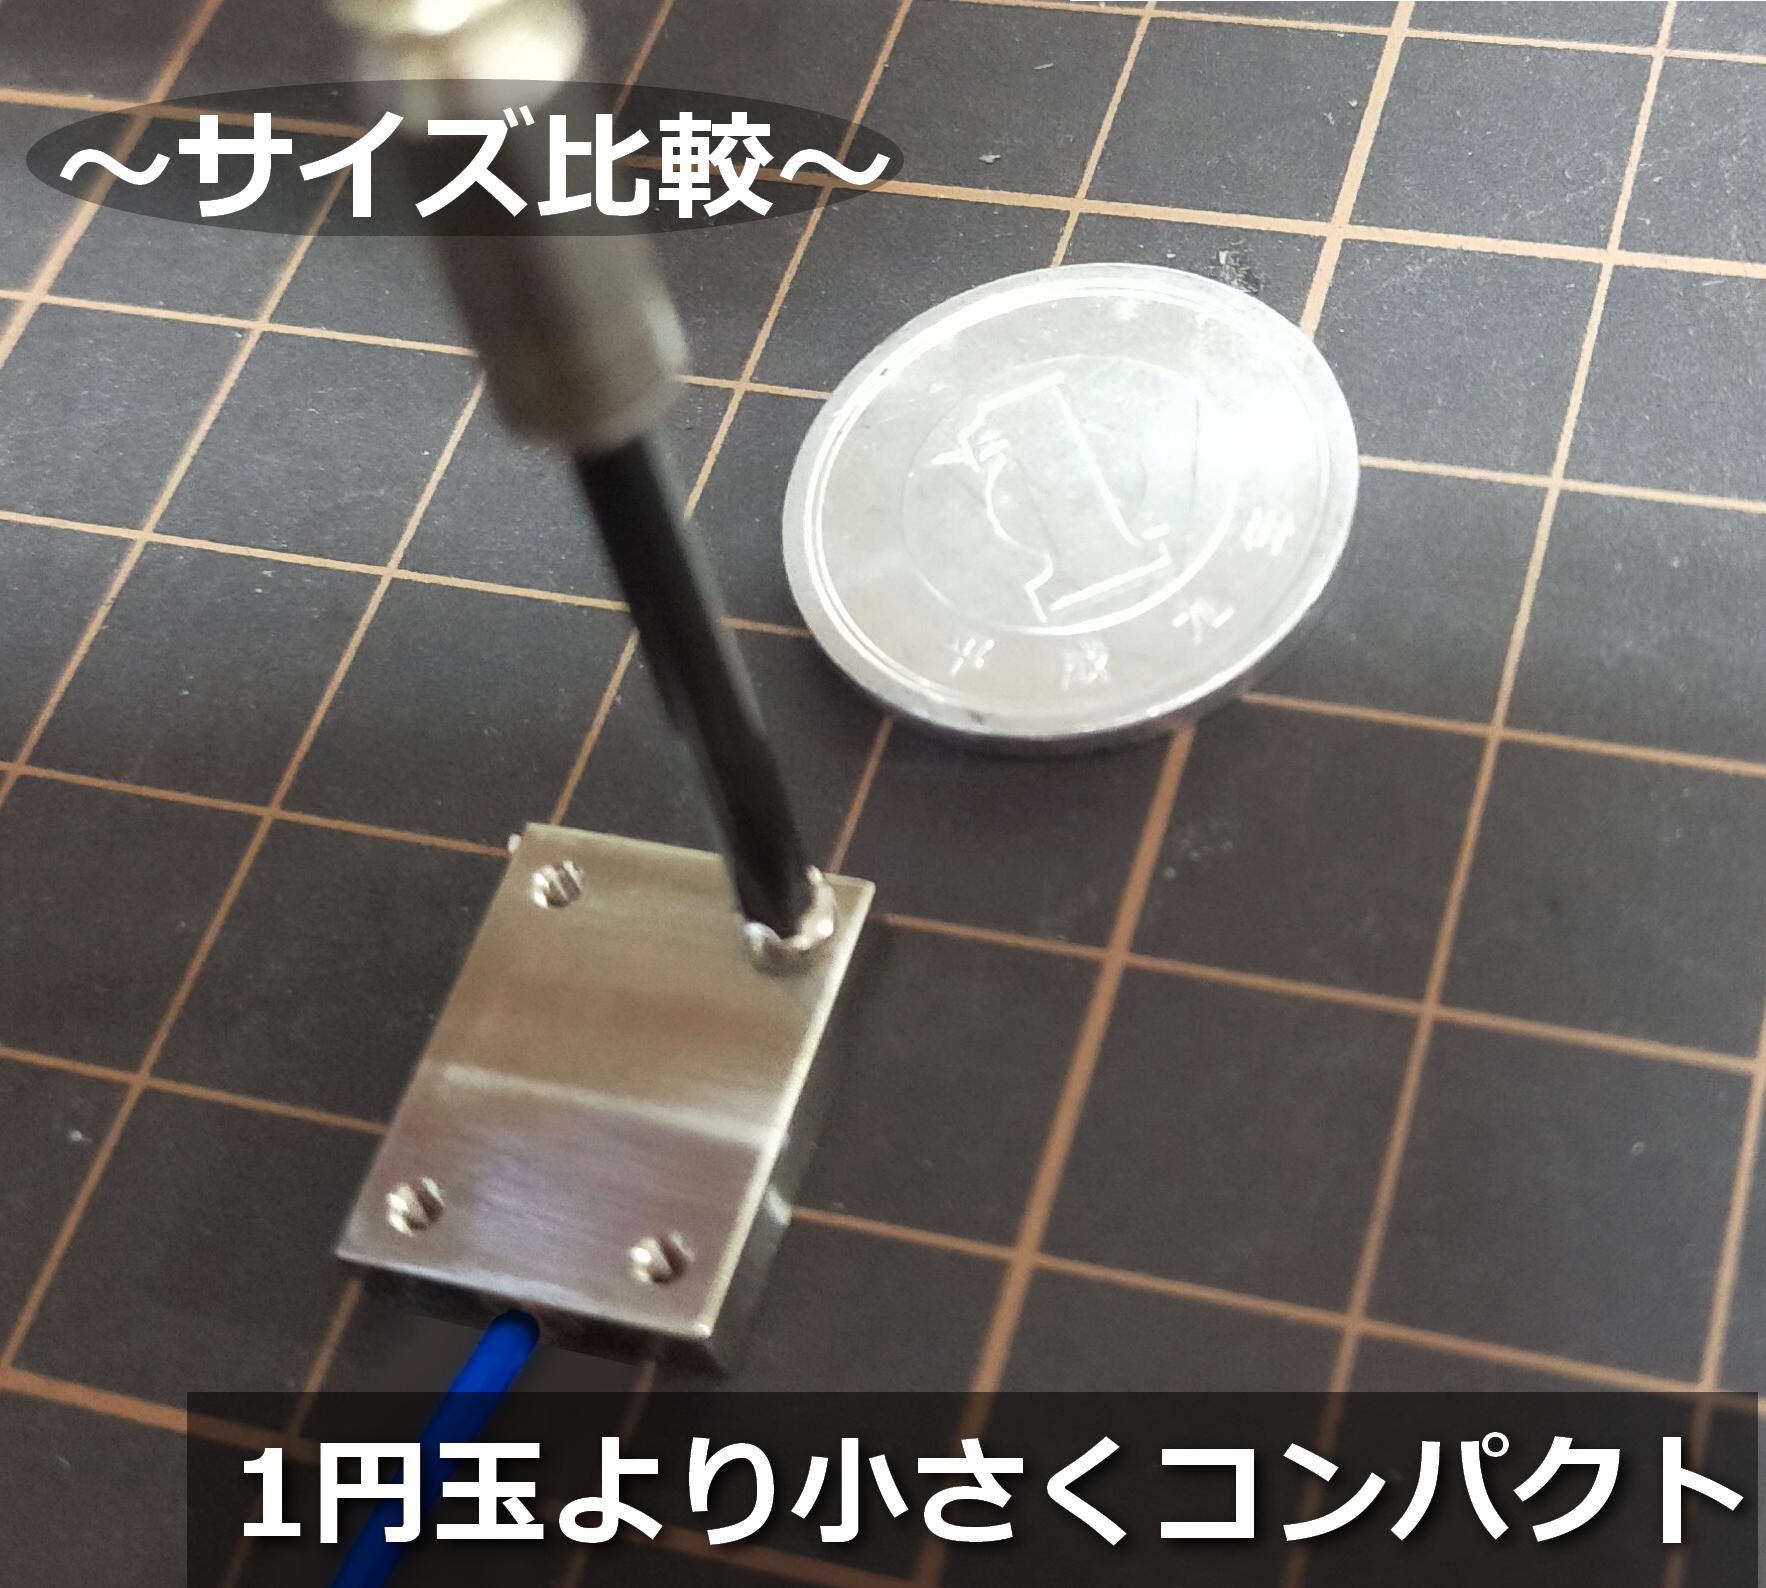 温度センサー 熱電対(Kタイプ)「ネジ止めスティックタイプ」